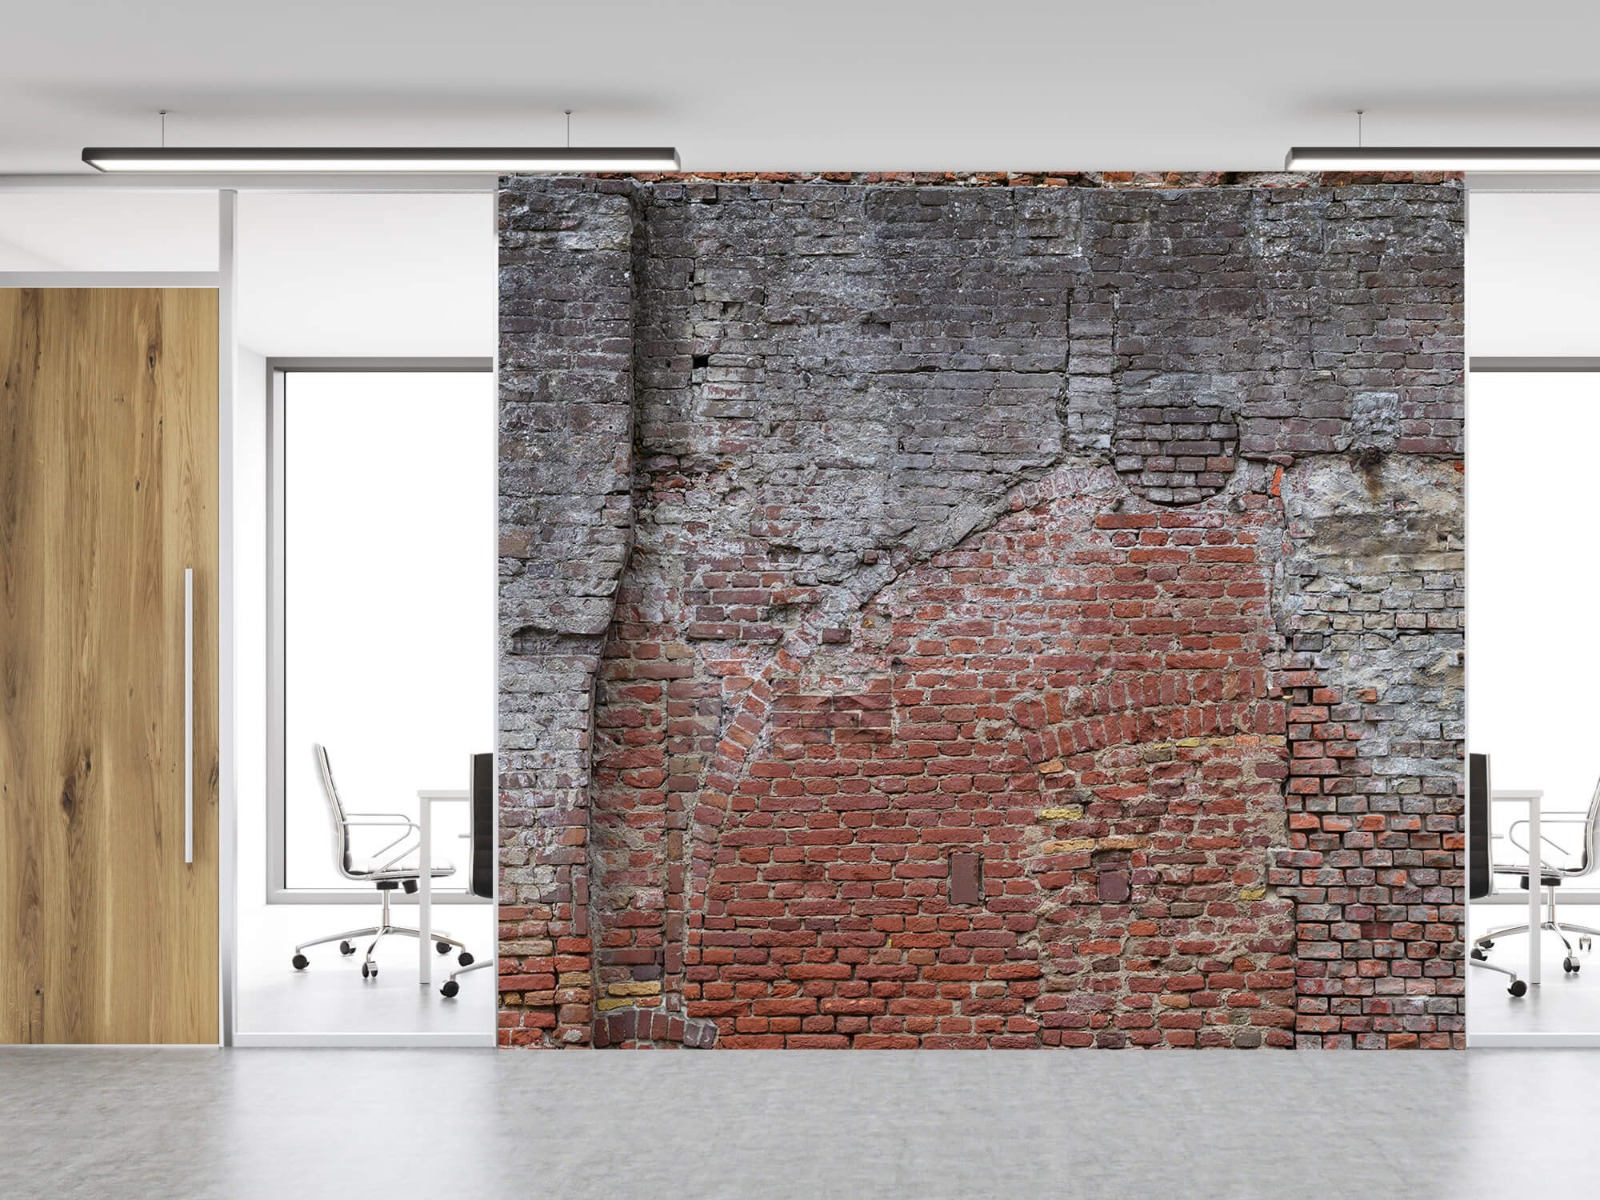 Steen behang - Oude herstelde stadsmuur - Tienerkamer 11